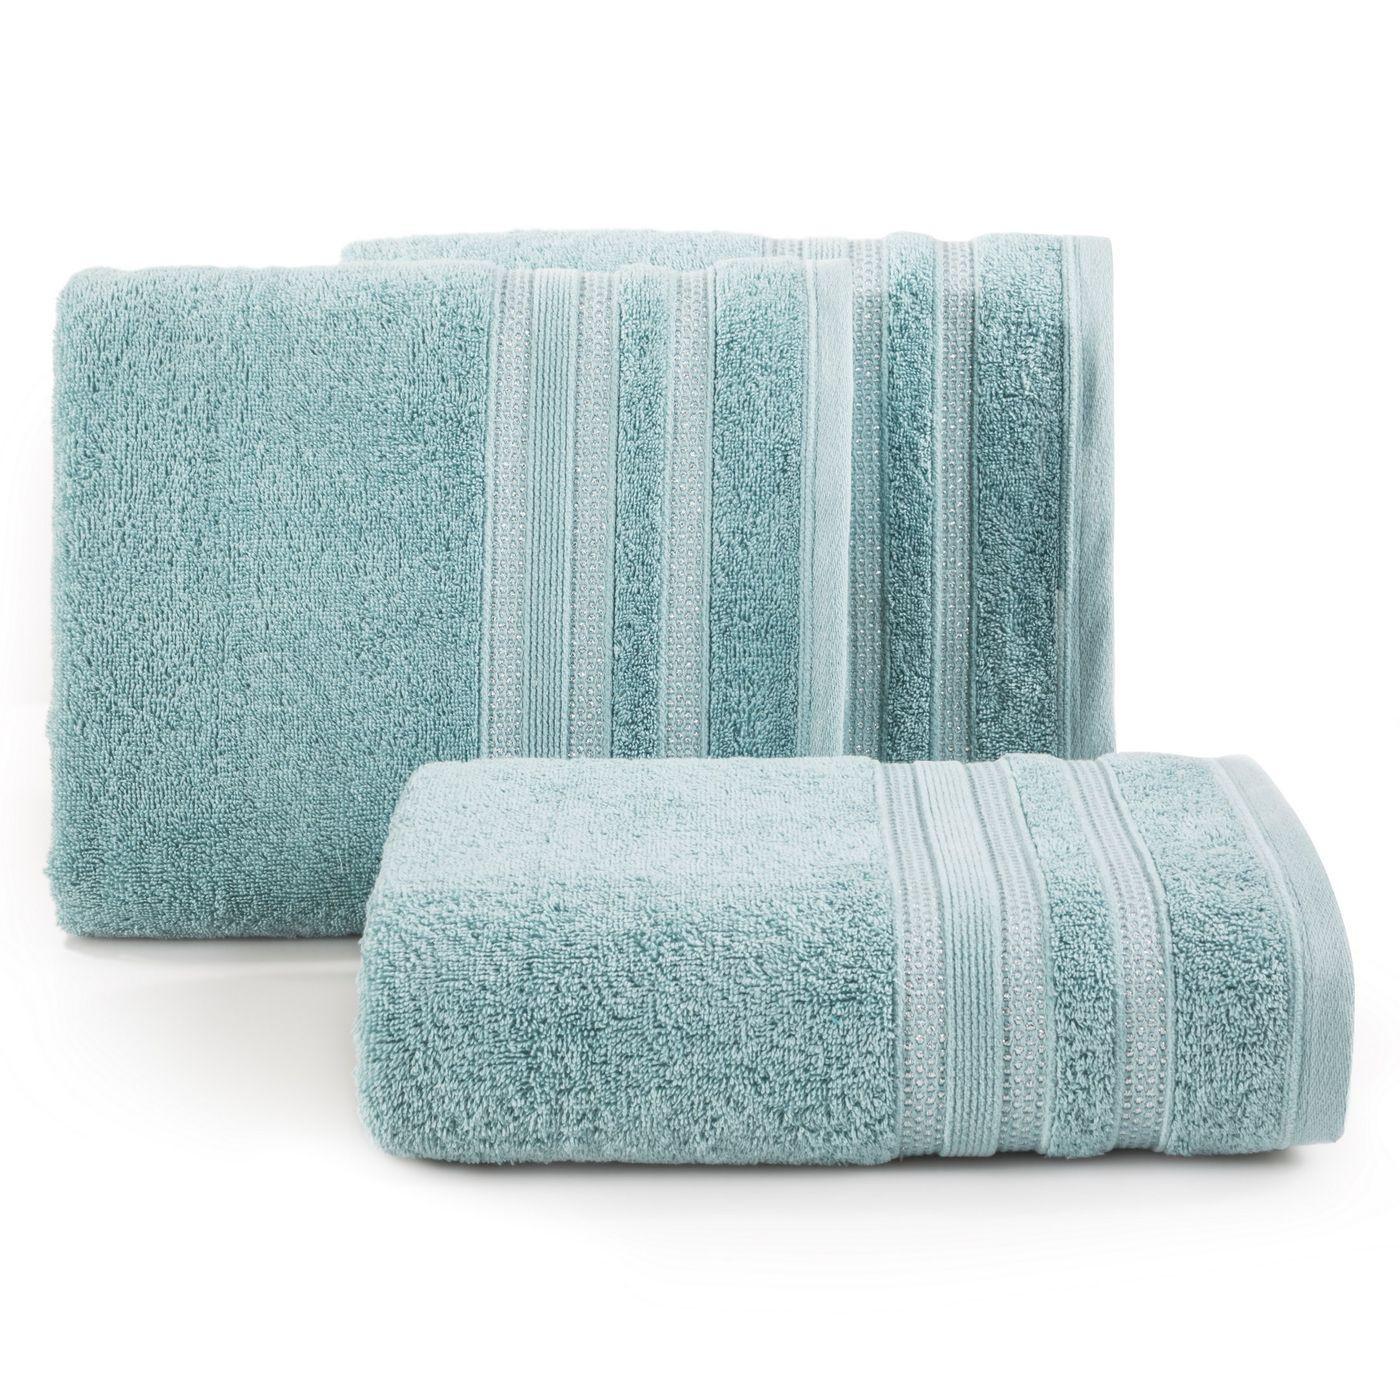 Ręcznik z bawełny zdobiony błyszczącą nitką 50x90cm miętowy